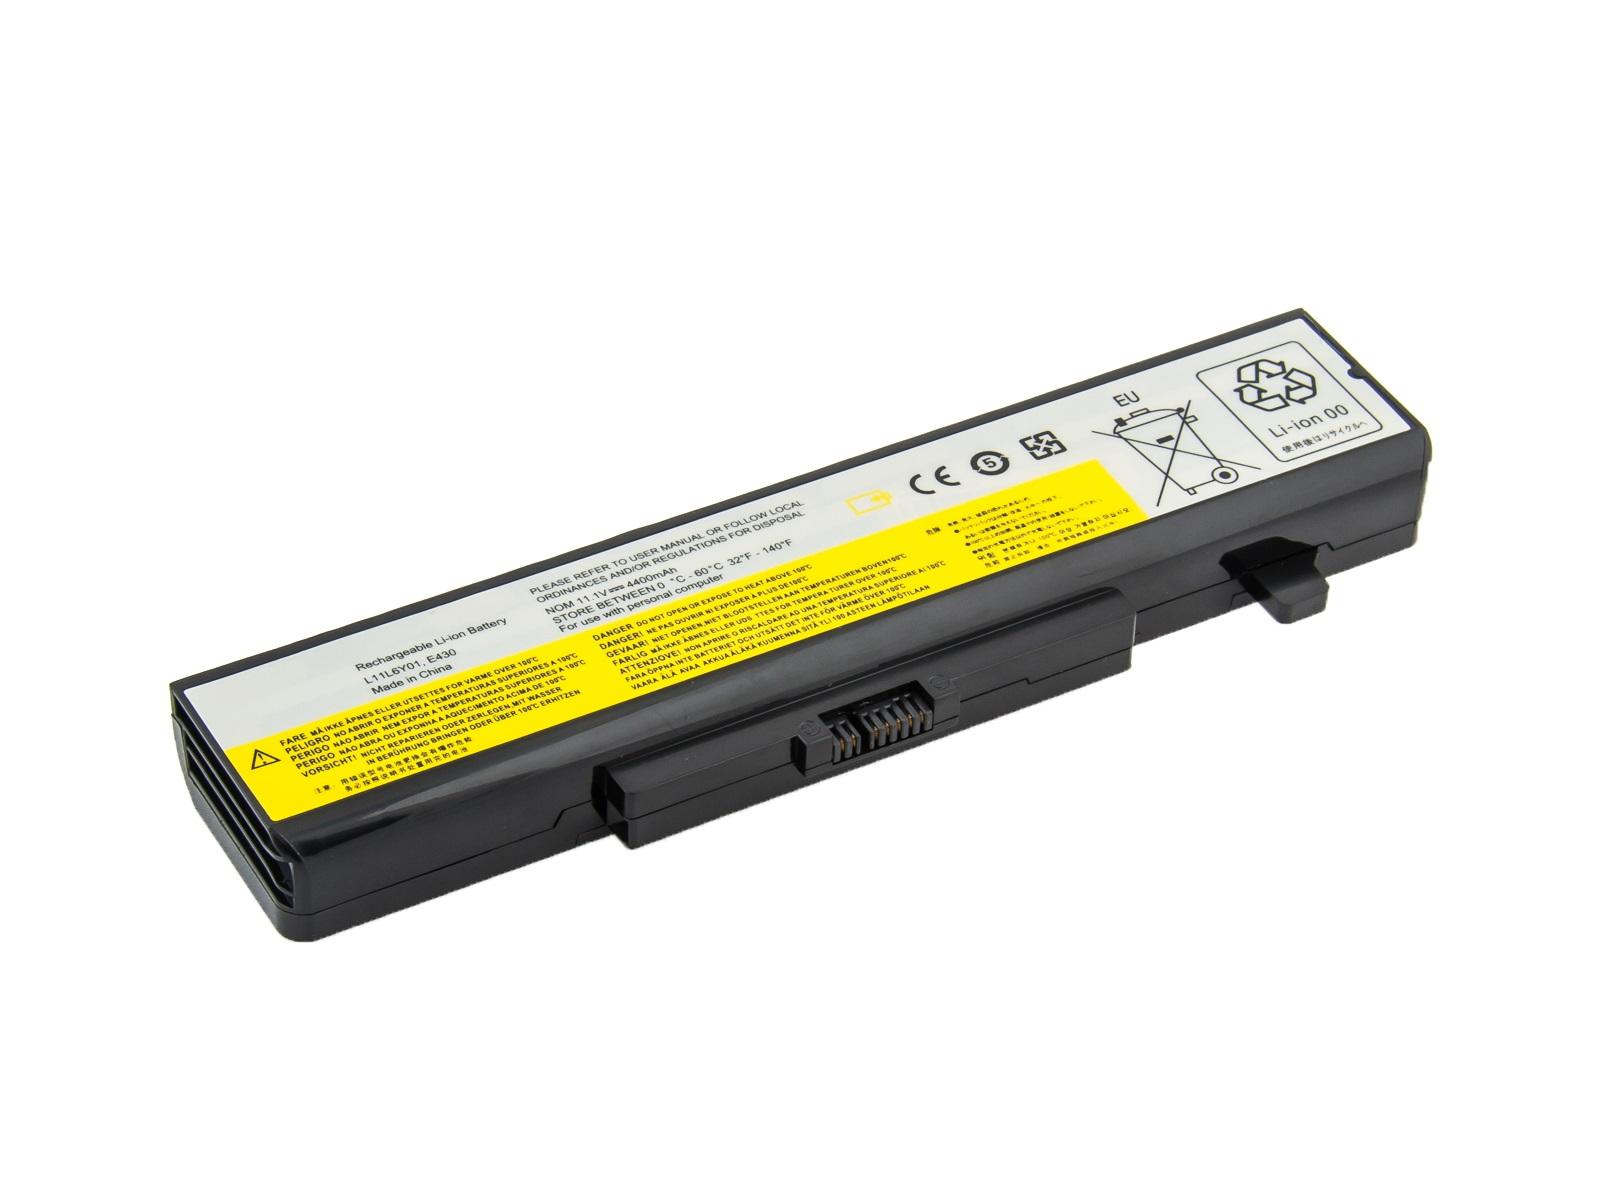 Baterie AVACOM NOLE-E430-N22 pro Lenovo ThinkPad E430, E530 Li-Ion 11,1V 4400mAh, NOLE-E430-N22